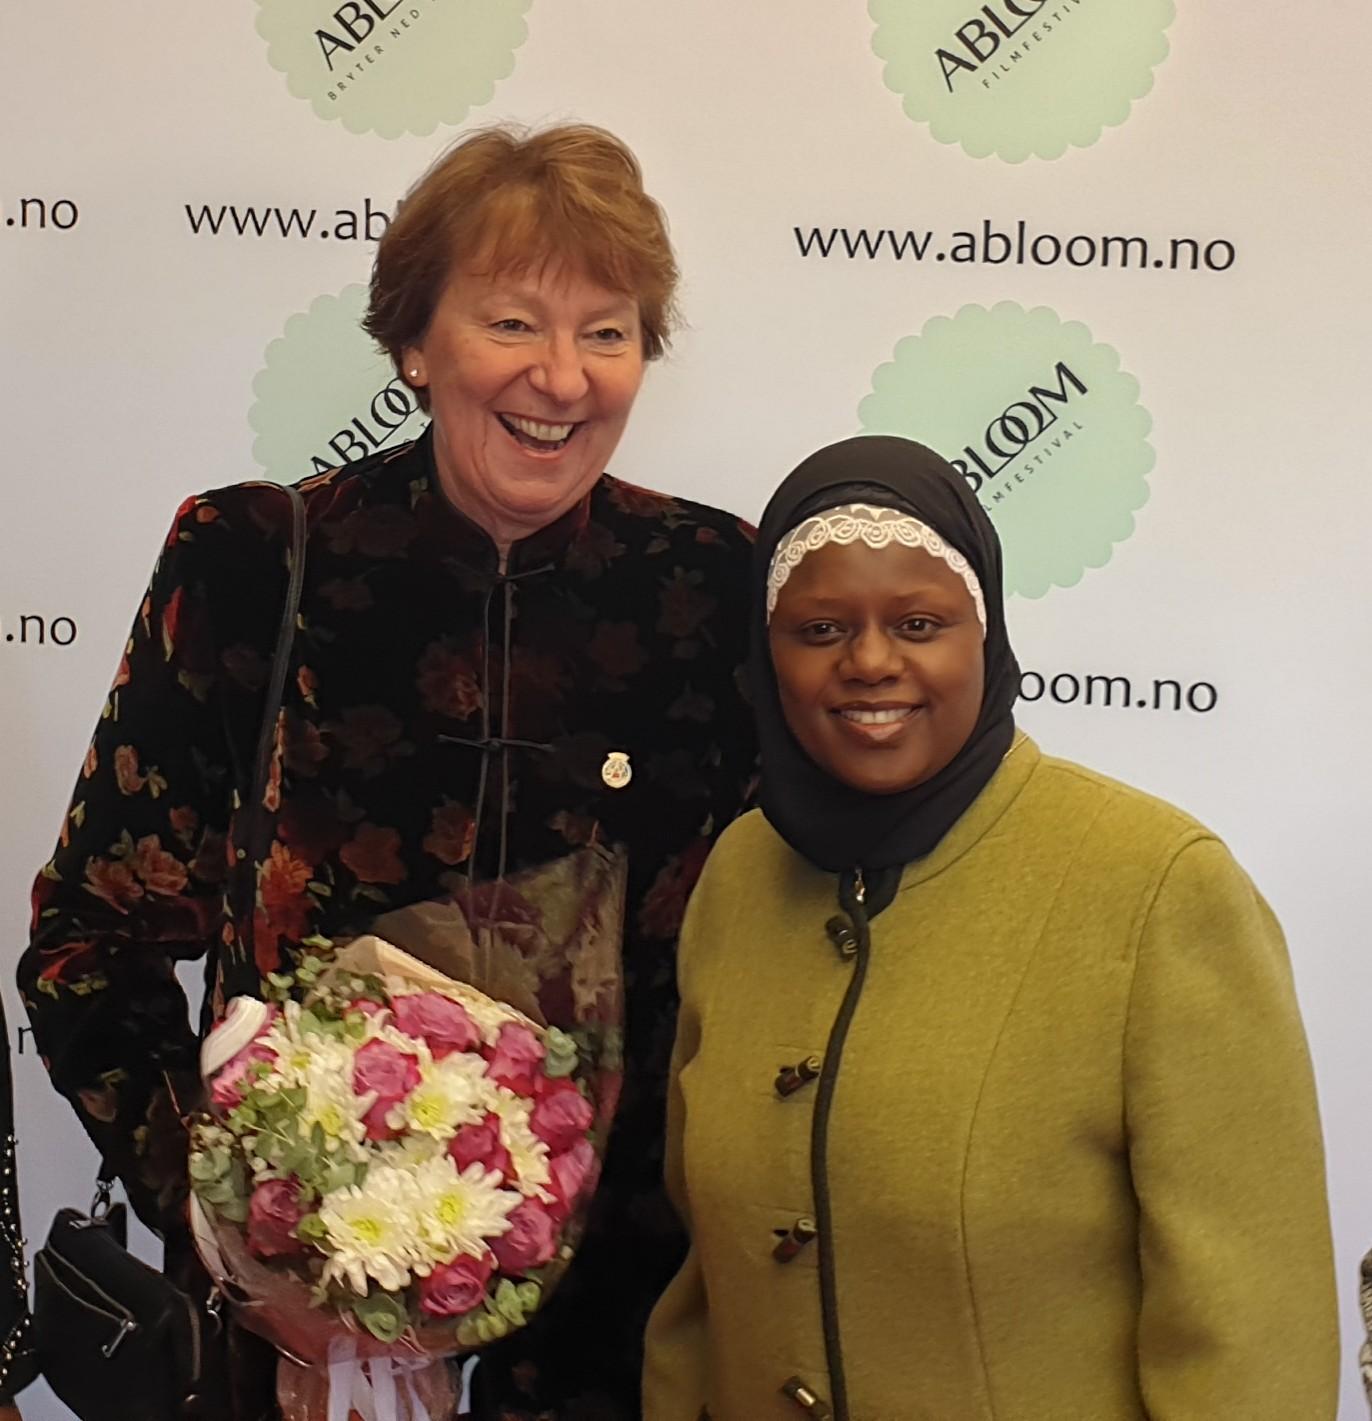 Ordfører Marianne Borgen (SV) og Ablooms Faridah S. Nabaggala har begge et stort engasjement for menensker som lett blir glemt eller faller utenfor.